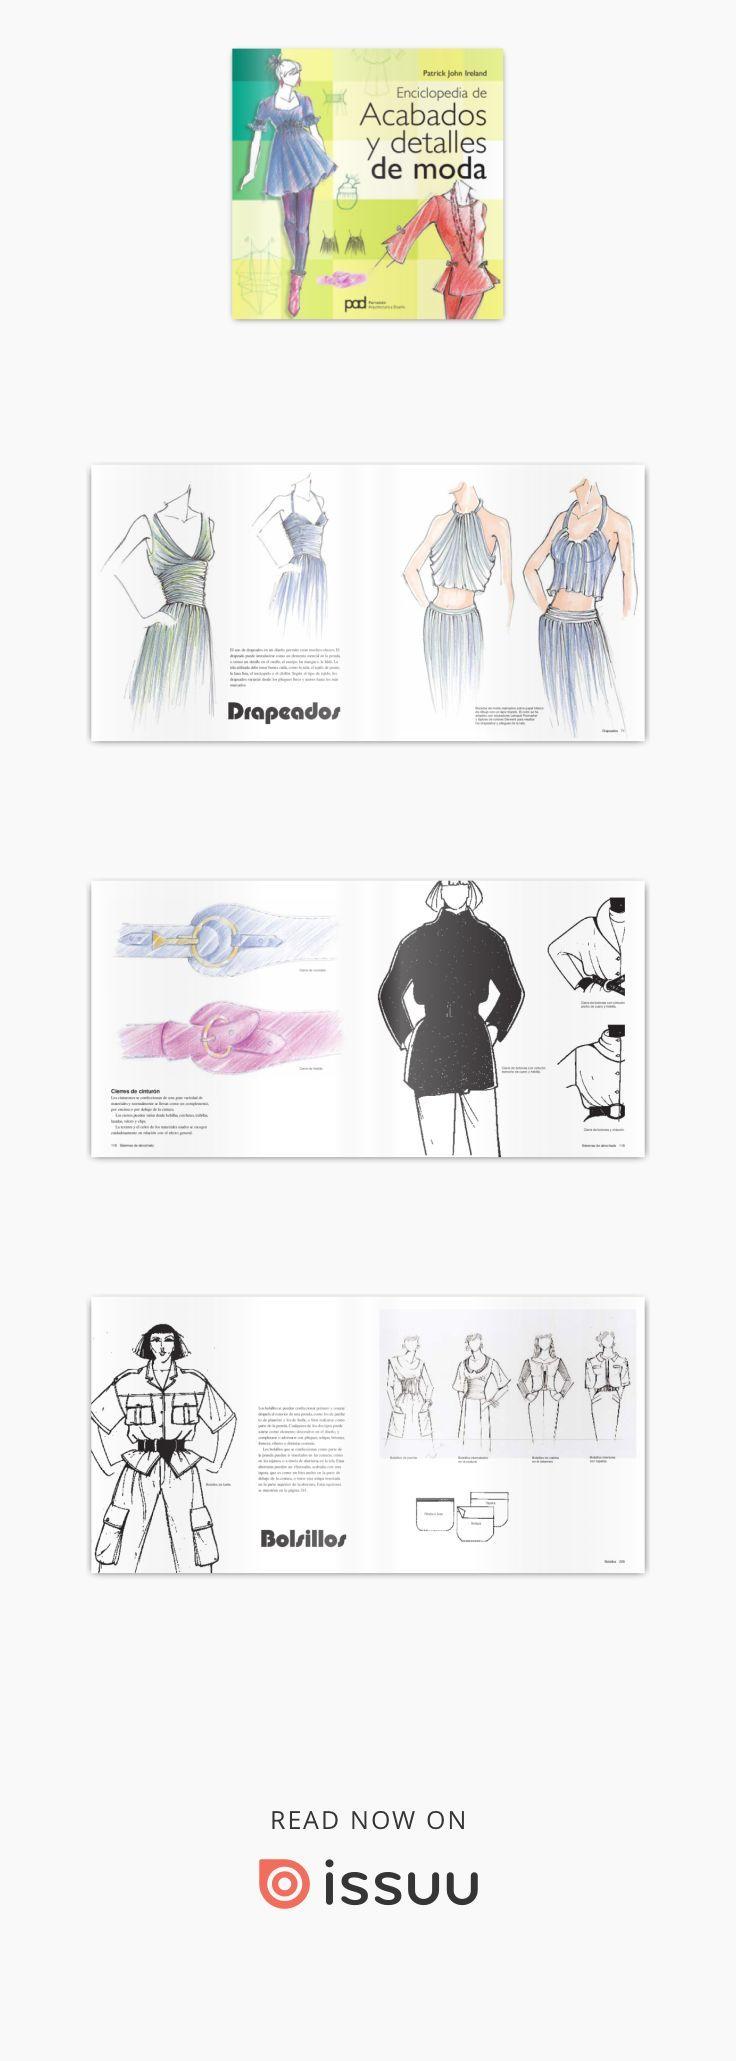 Moda - Enciclopedia de acabados y detalles de moda  Un recurso creativo indispensable para diseñadores de moda, ilustradores o cualquier otro profesional que forme parte de la industria del diseño. Esta inspiradora guía explicativa cubre cada uno de los posibles acabados y detalles de las prendas de vestir: diferentes tipos de cuellos, puños, volantes, bolsillos, cinturones, cierres, plisados y drapeados…